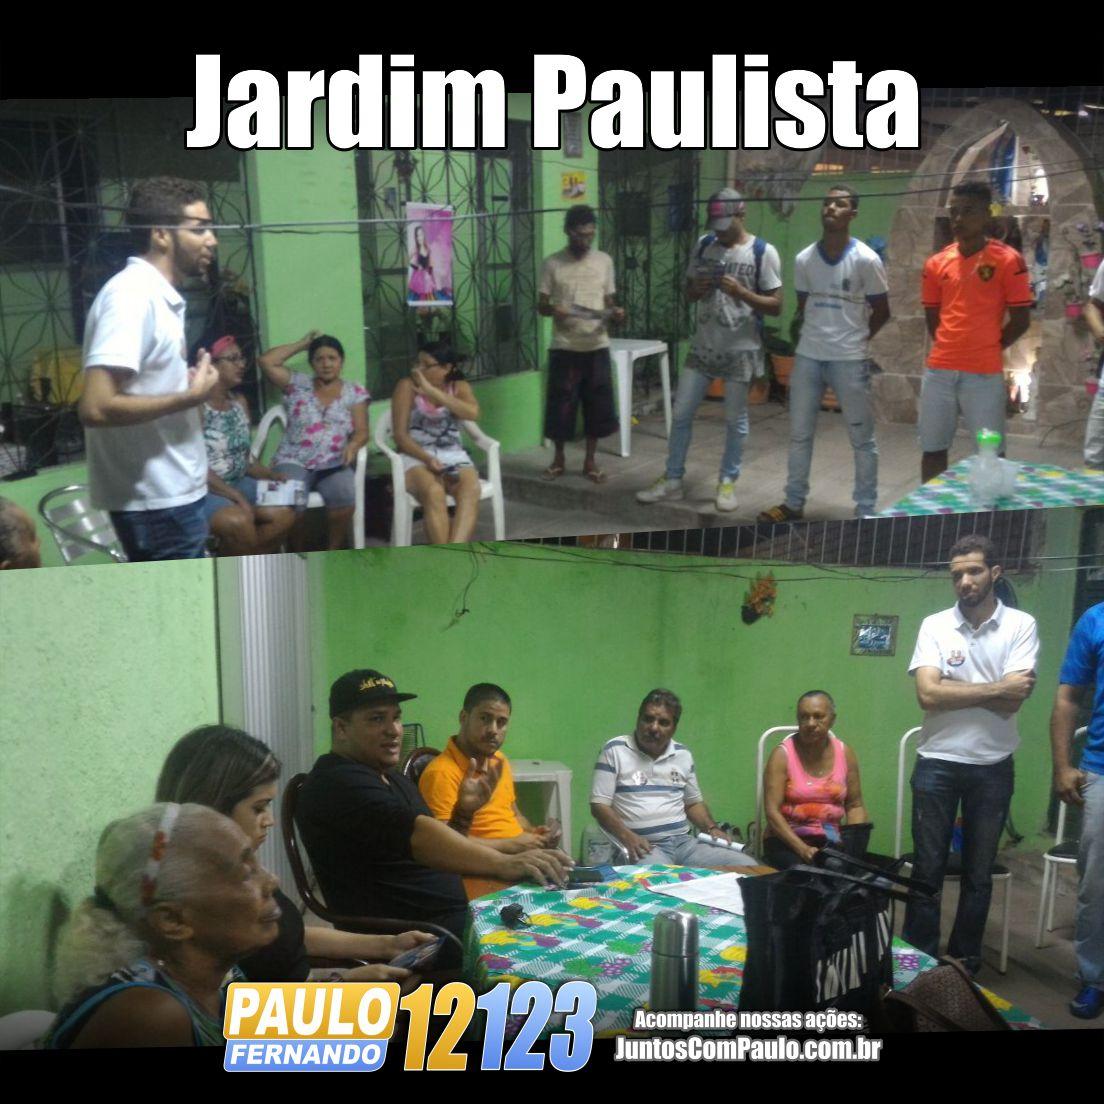 vote-certo-vote-paulo-fernando-12123